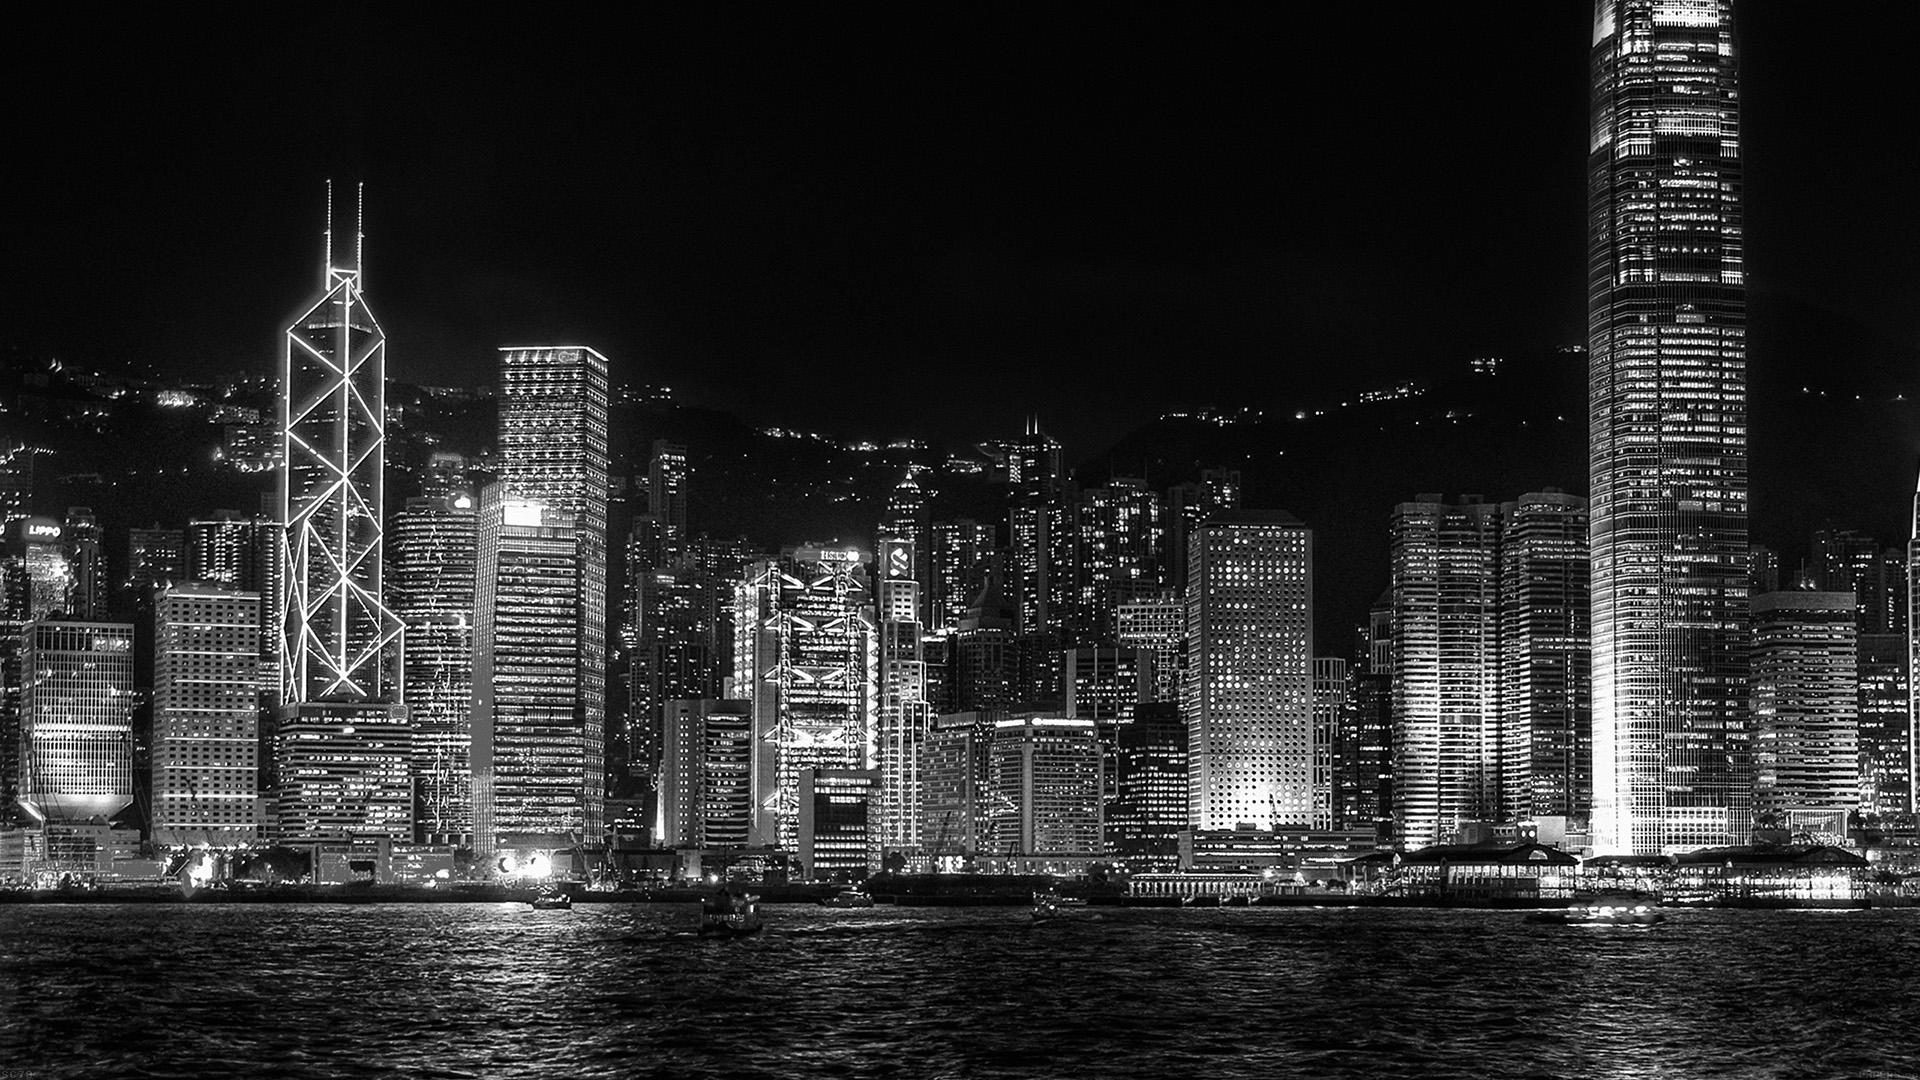 Summer Fall Desktop Wallpaper Mh95 Hongkong Night Symposium Of Light Dark Wallpaper